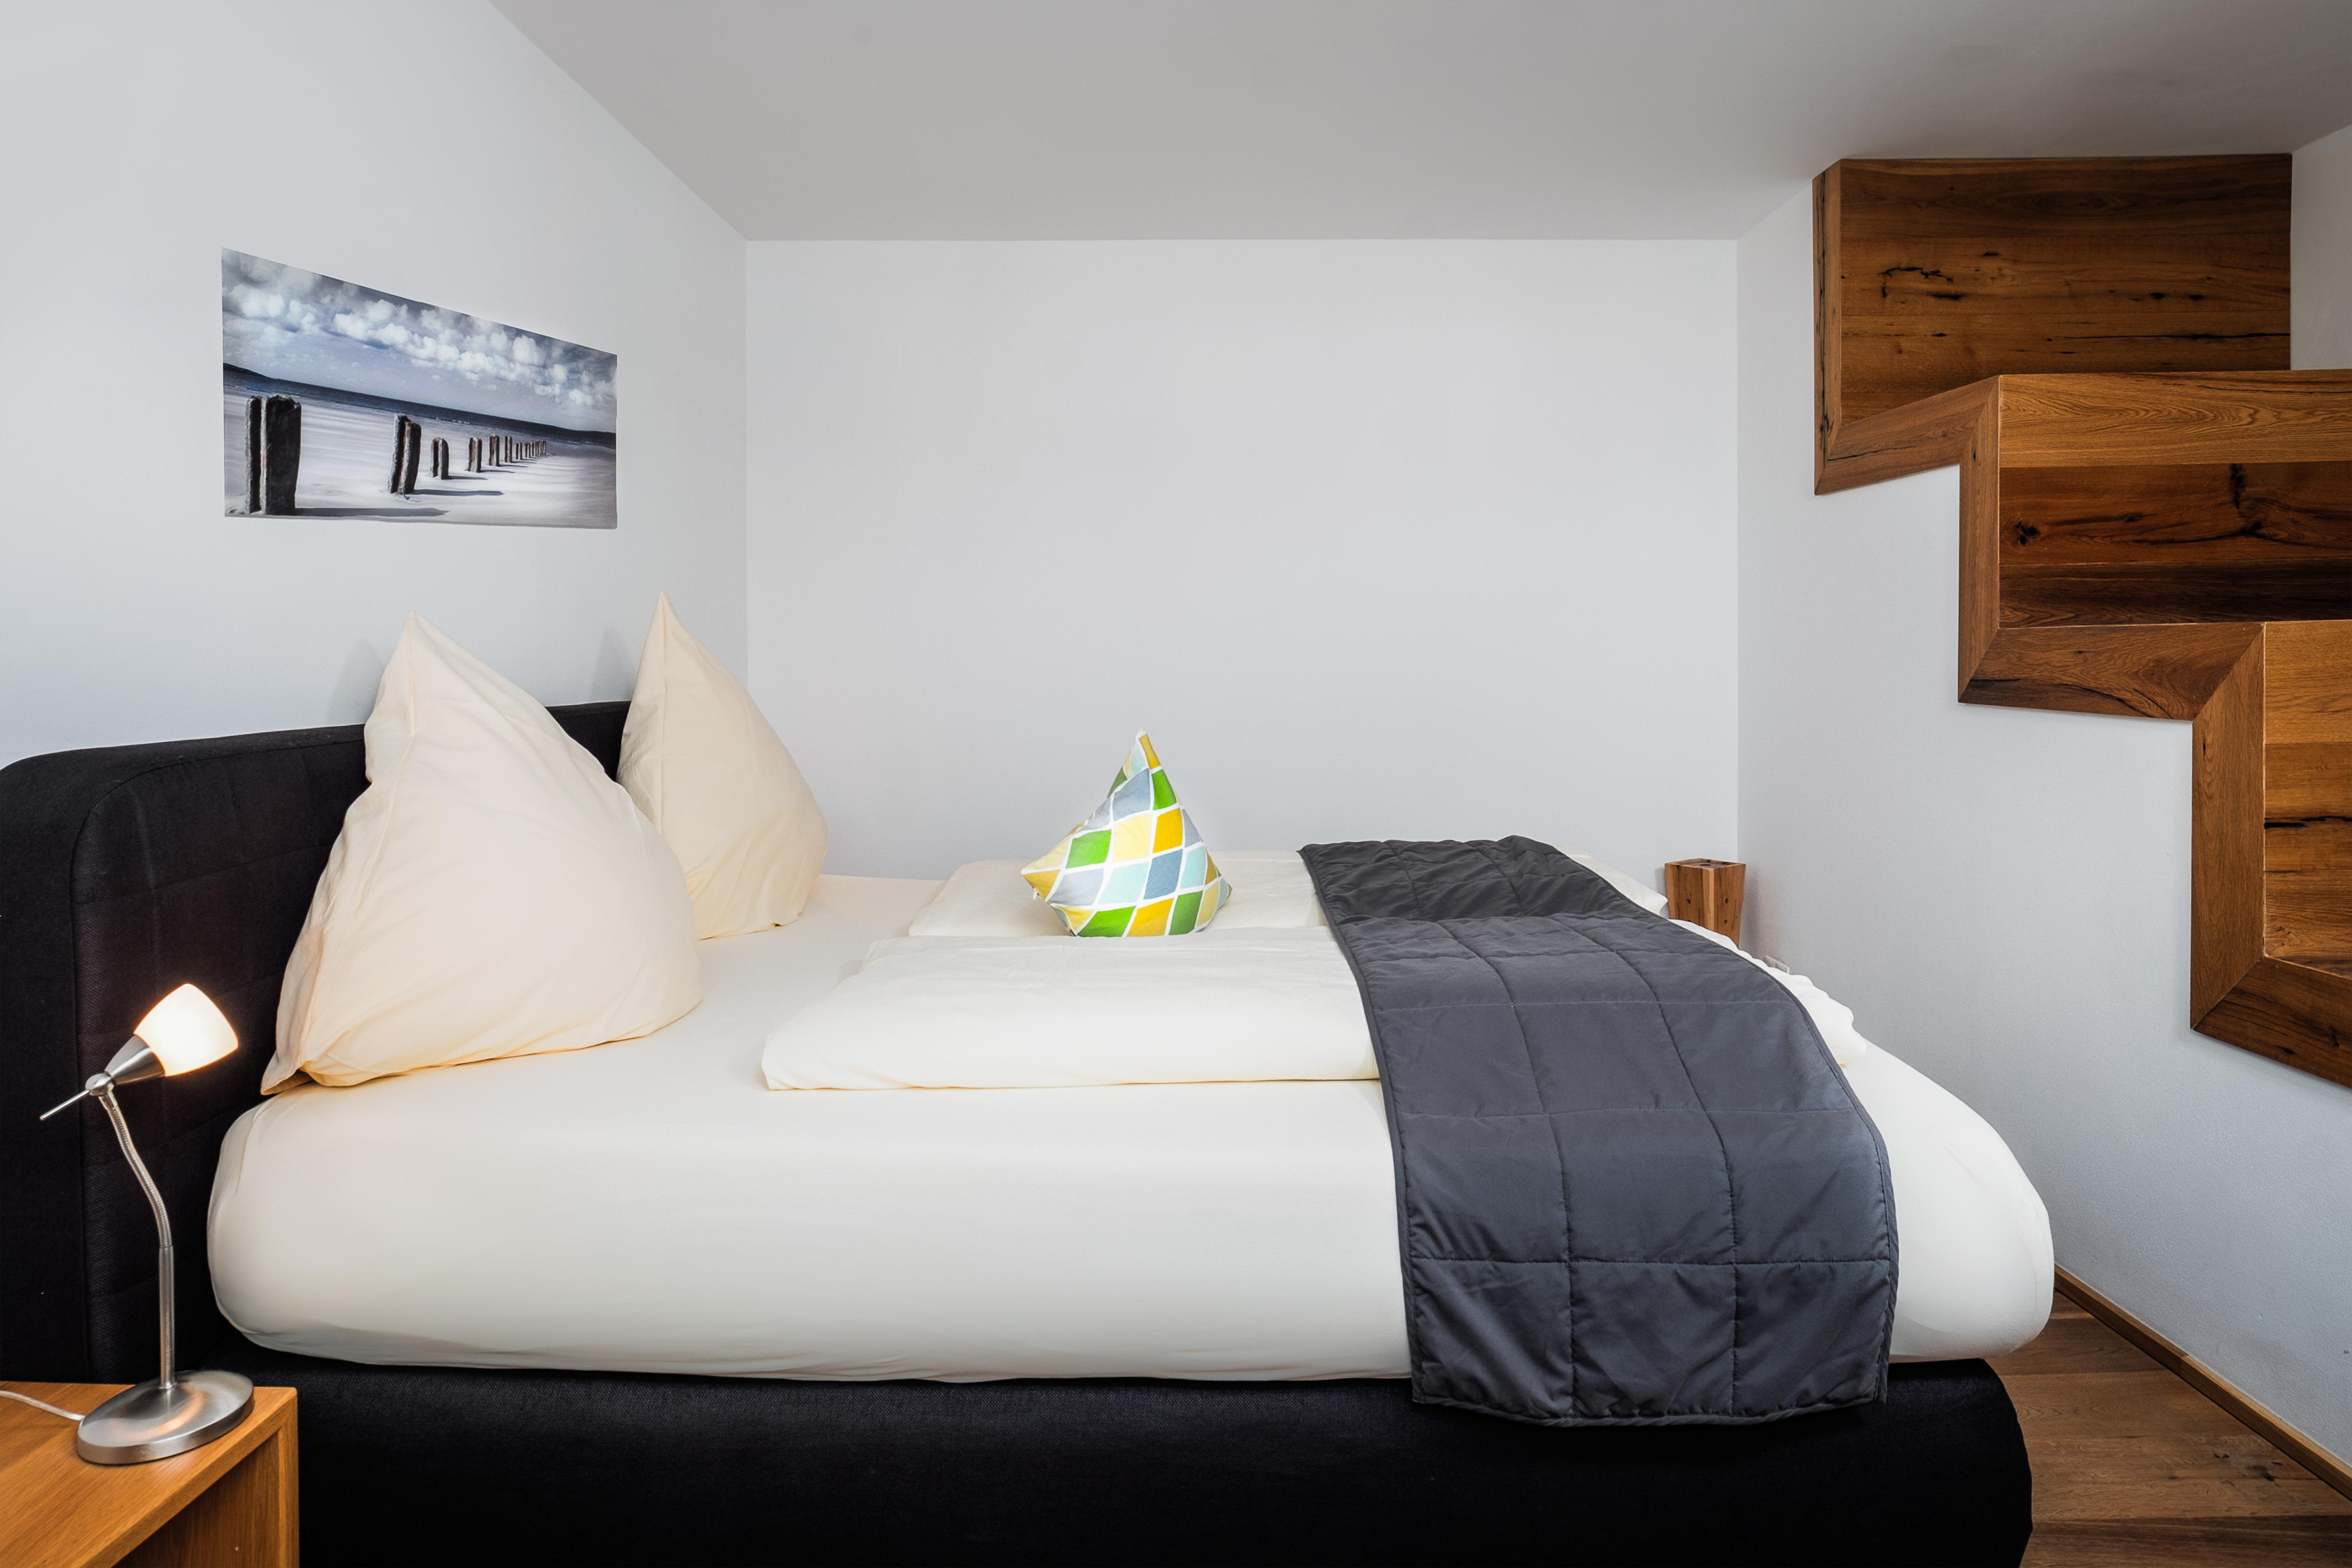 Appartement de vacances Sandra, (Hörbranz). Ferienwohnung Dreiländerblick, 58qm, 1 Schlafzimmer, max. 4 Personen (2127339), Hörbranz, Bregenz, Vorarlberg, Autriche, image 16